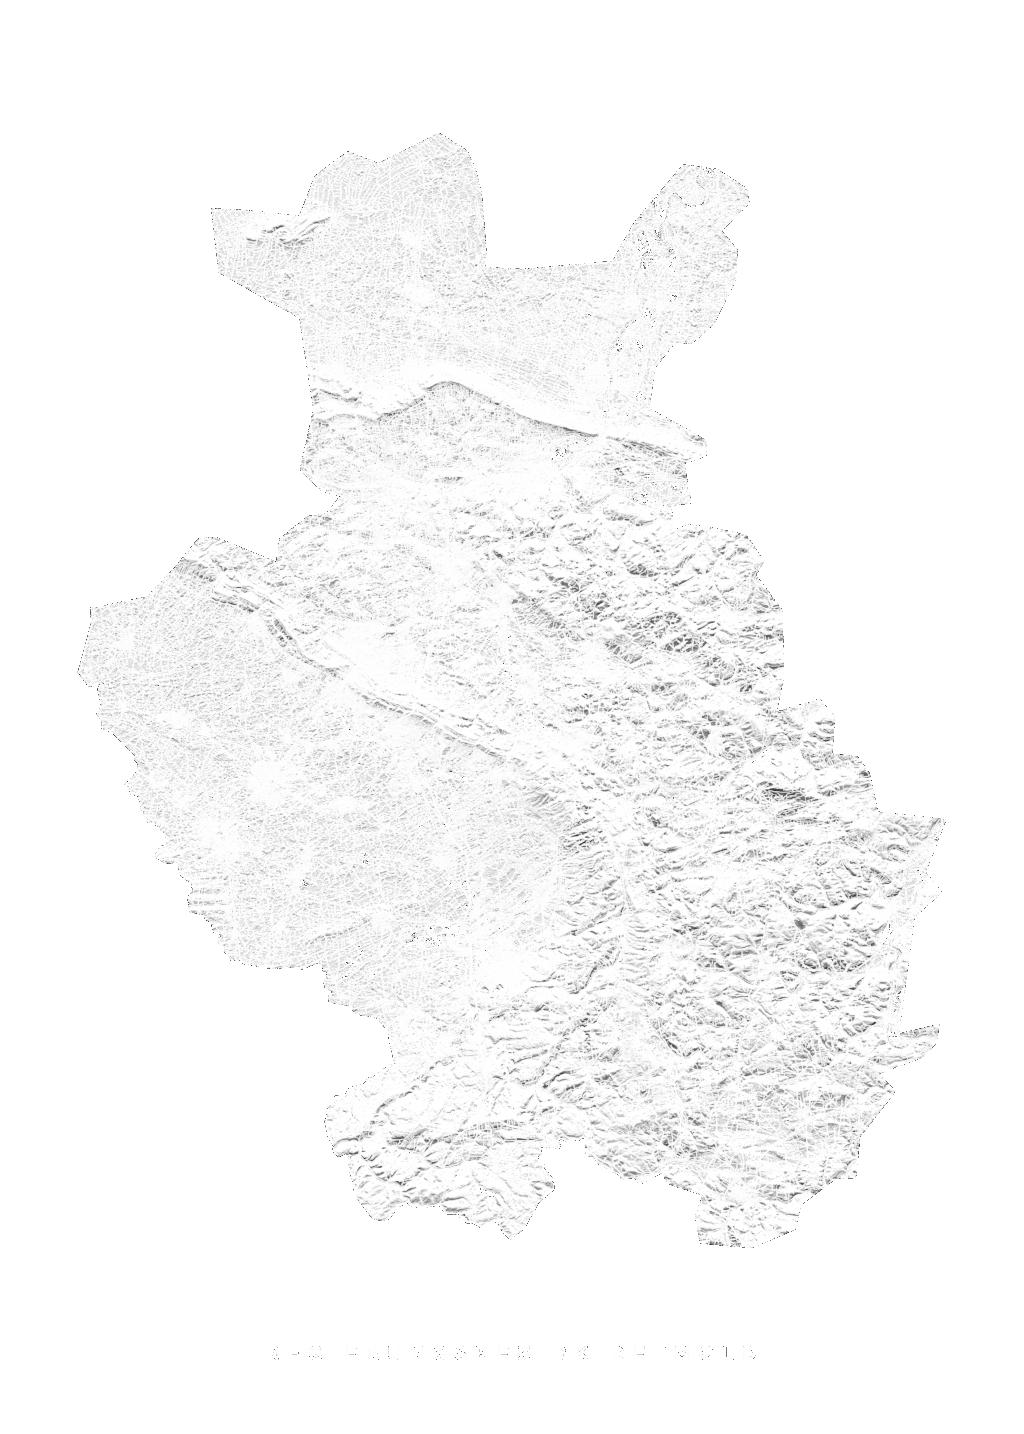 Regierungsbezirk Detmold wall map